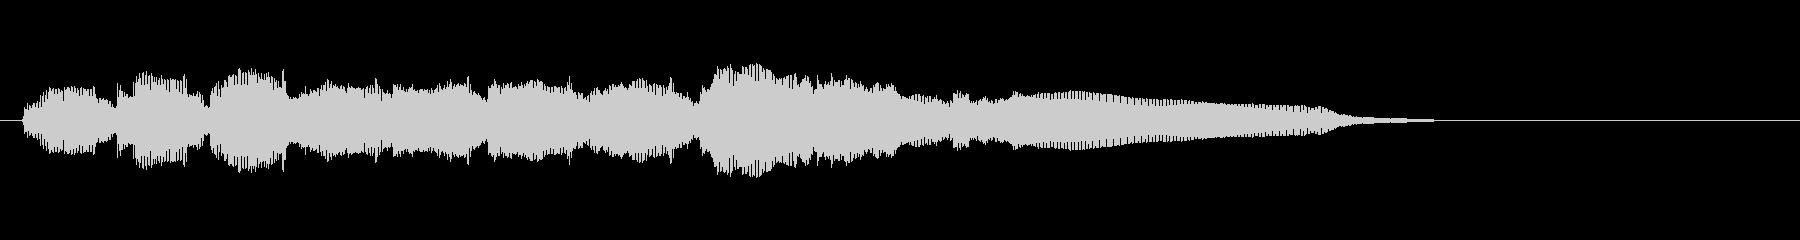 生音エレキギター4弦チューニング2エコーの未再生の波形